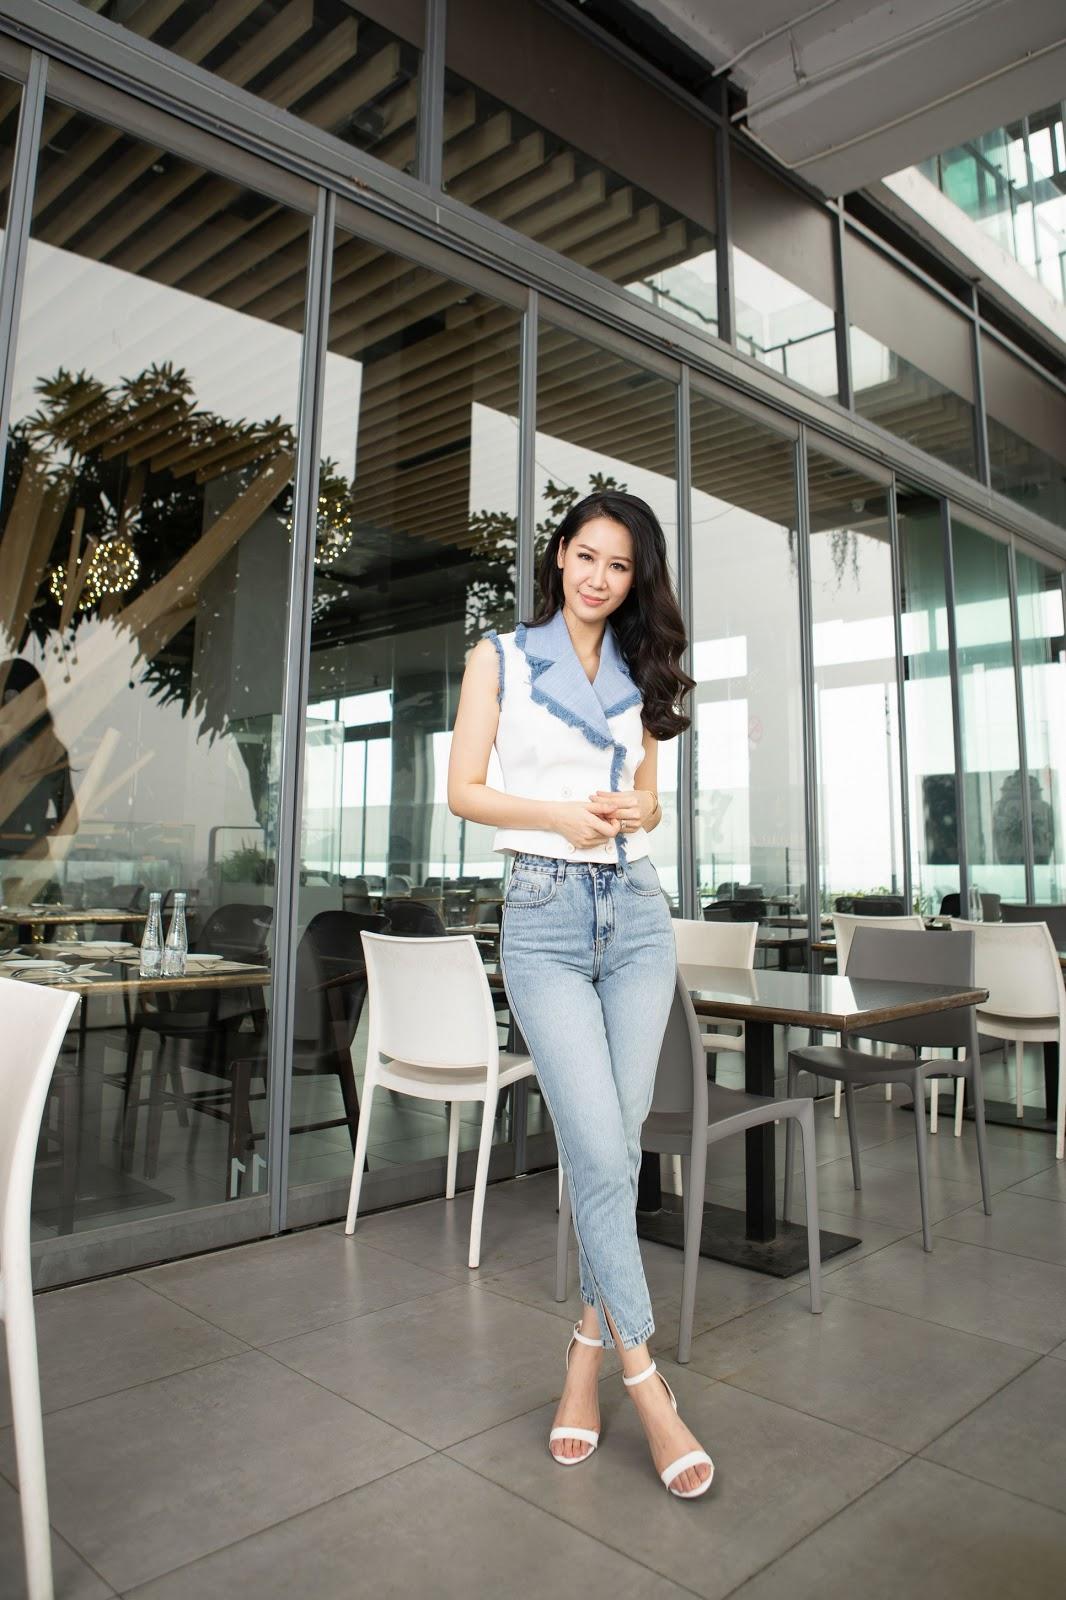 Dương Thùy Linh 'hack tuổi' giữa nắng hè cùng trang phục Elise - Hình 15